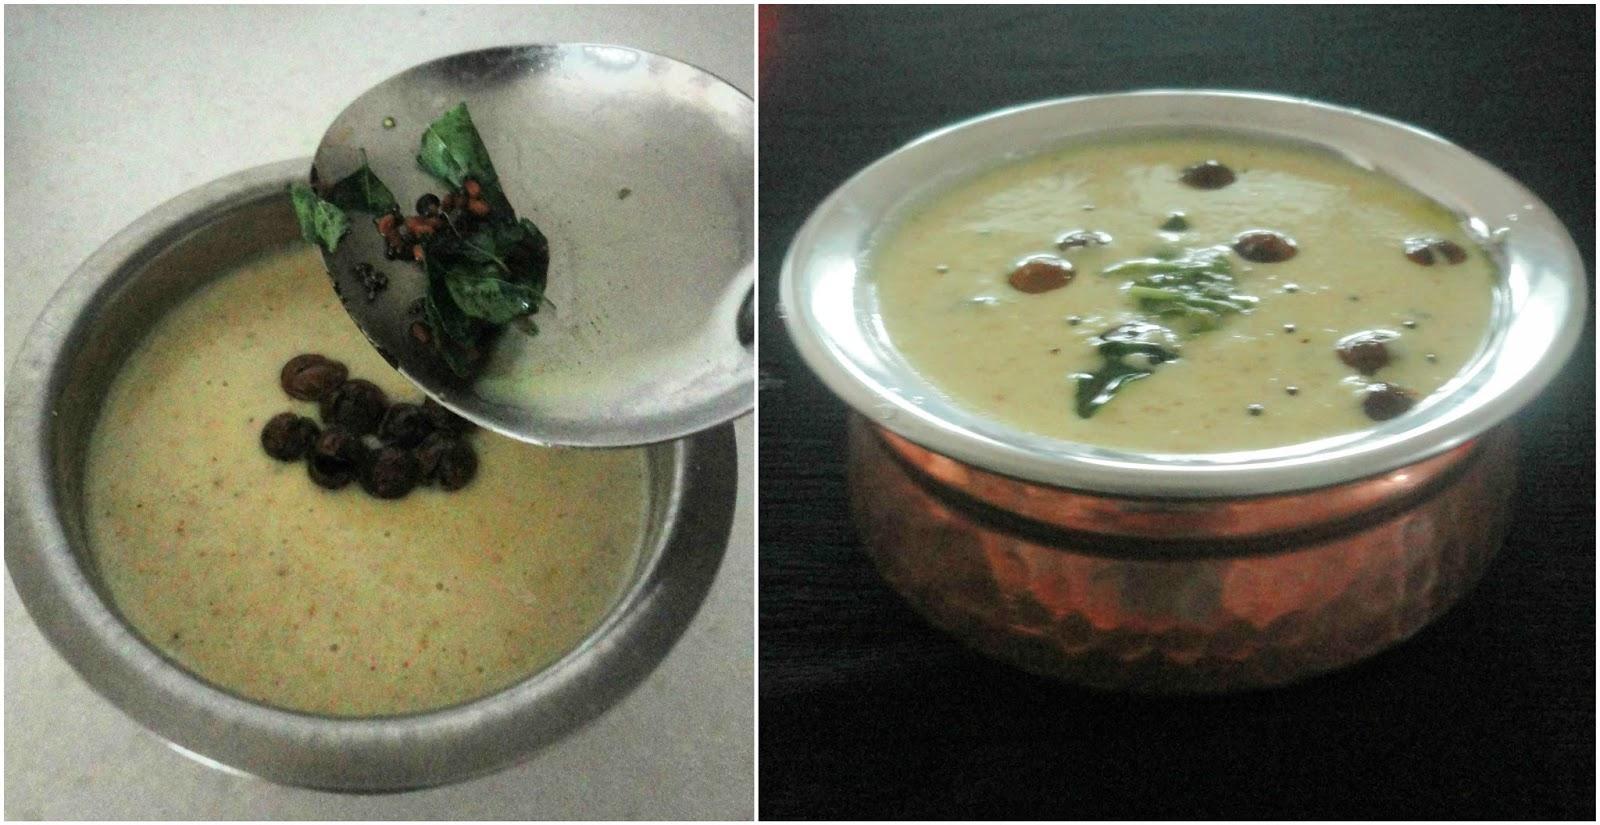 Situ's Cuisine: Mor kuzhambu - Buttermilk sambhar